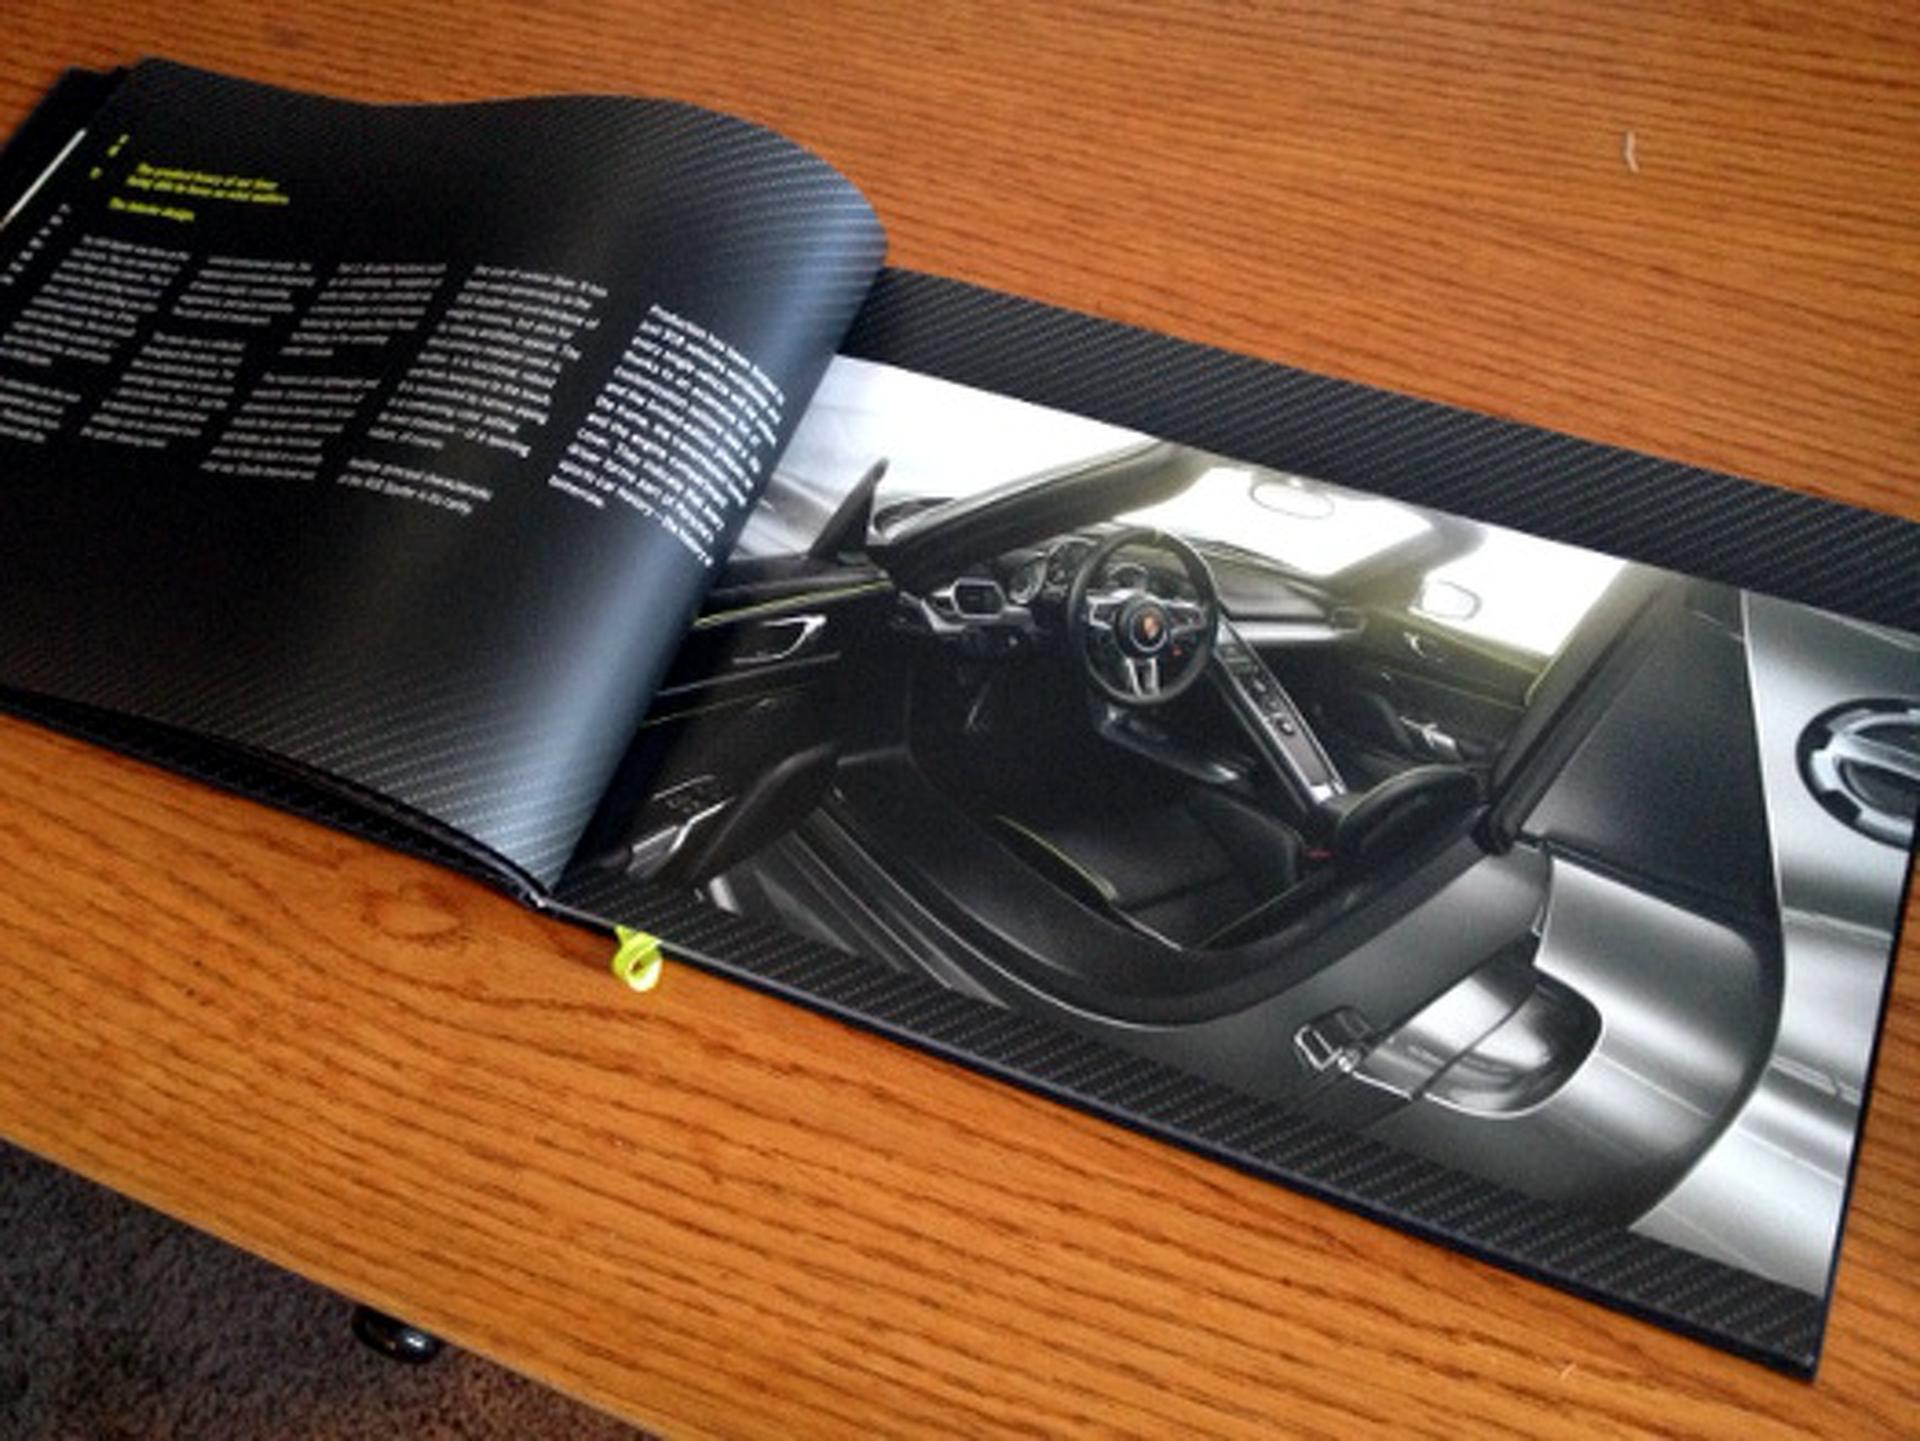 Unboxed: The Porsche 918 Spyder Buyer's Brochure